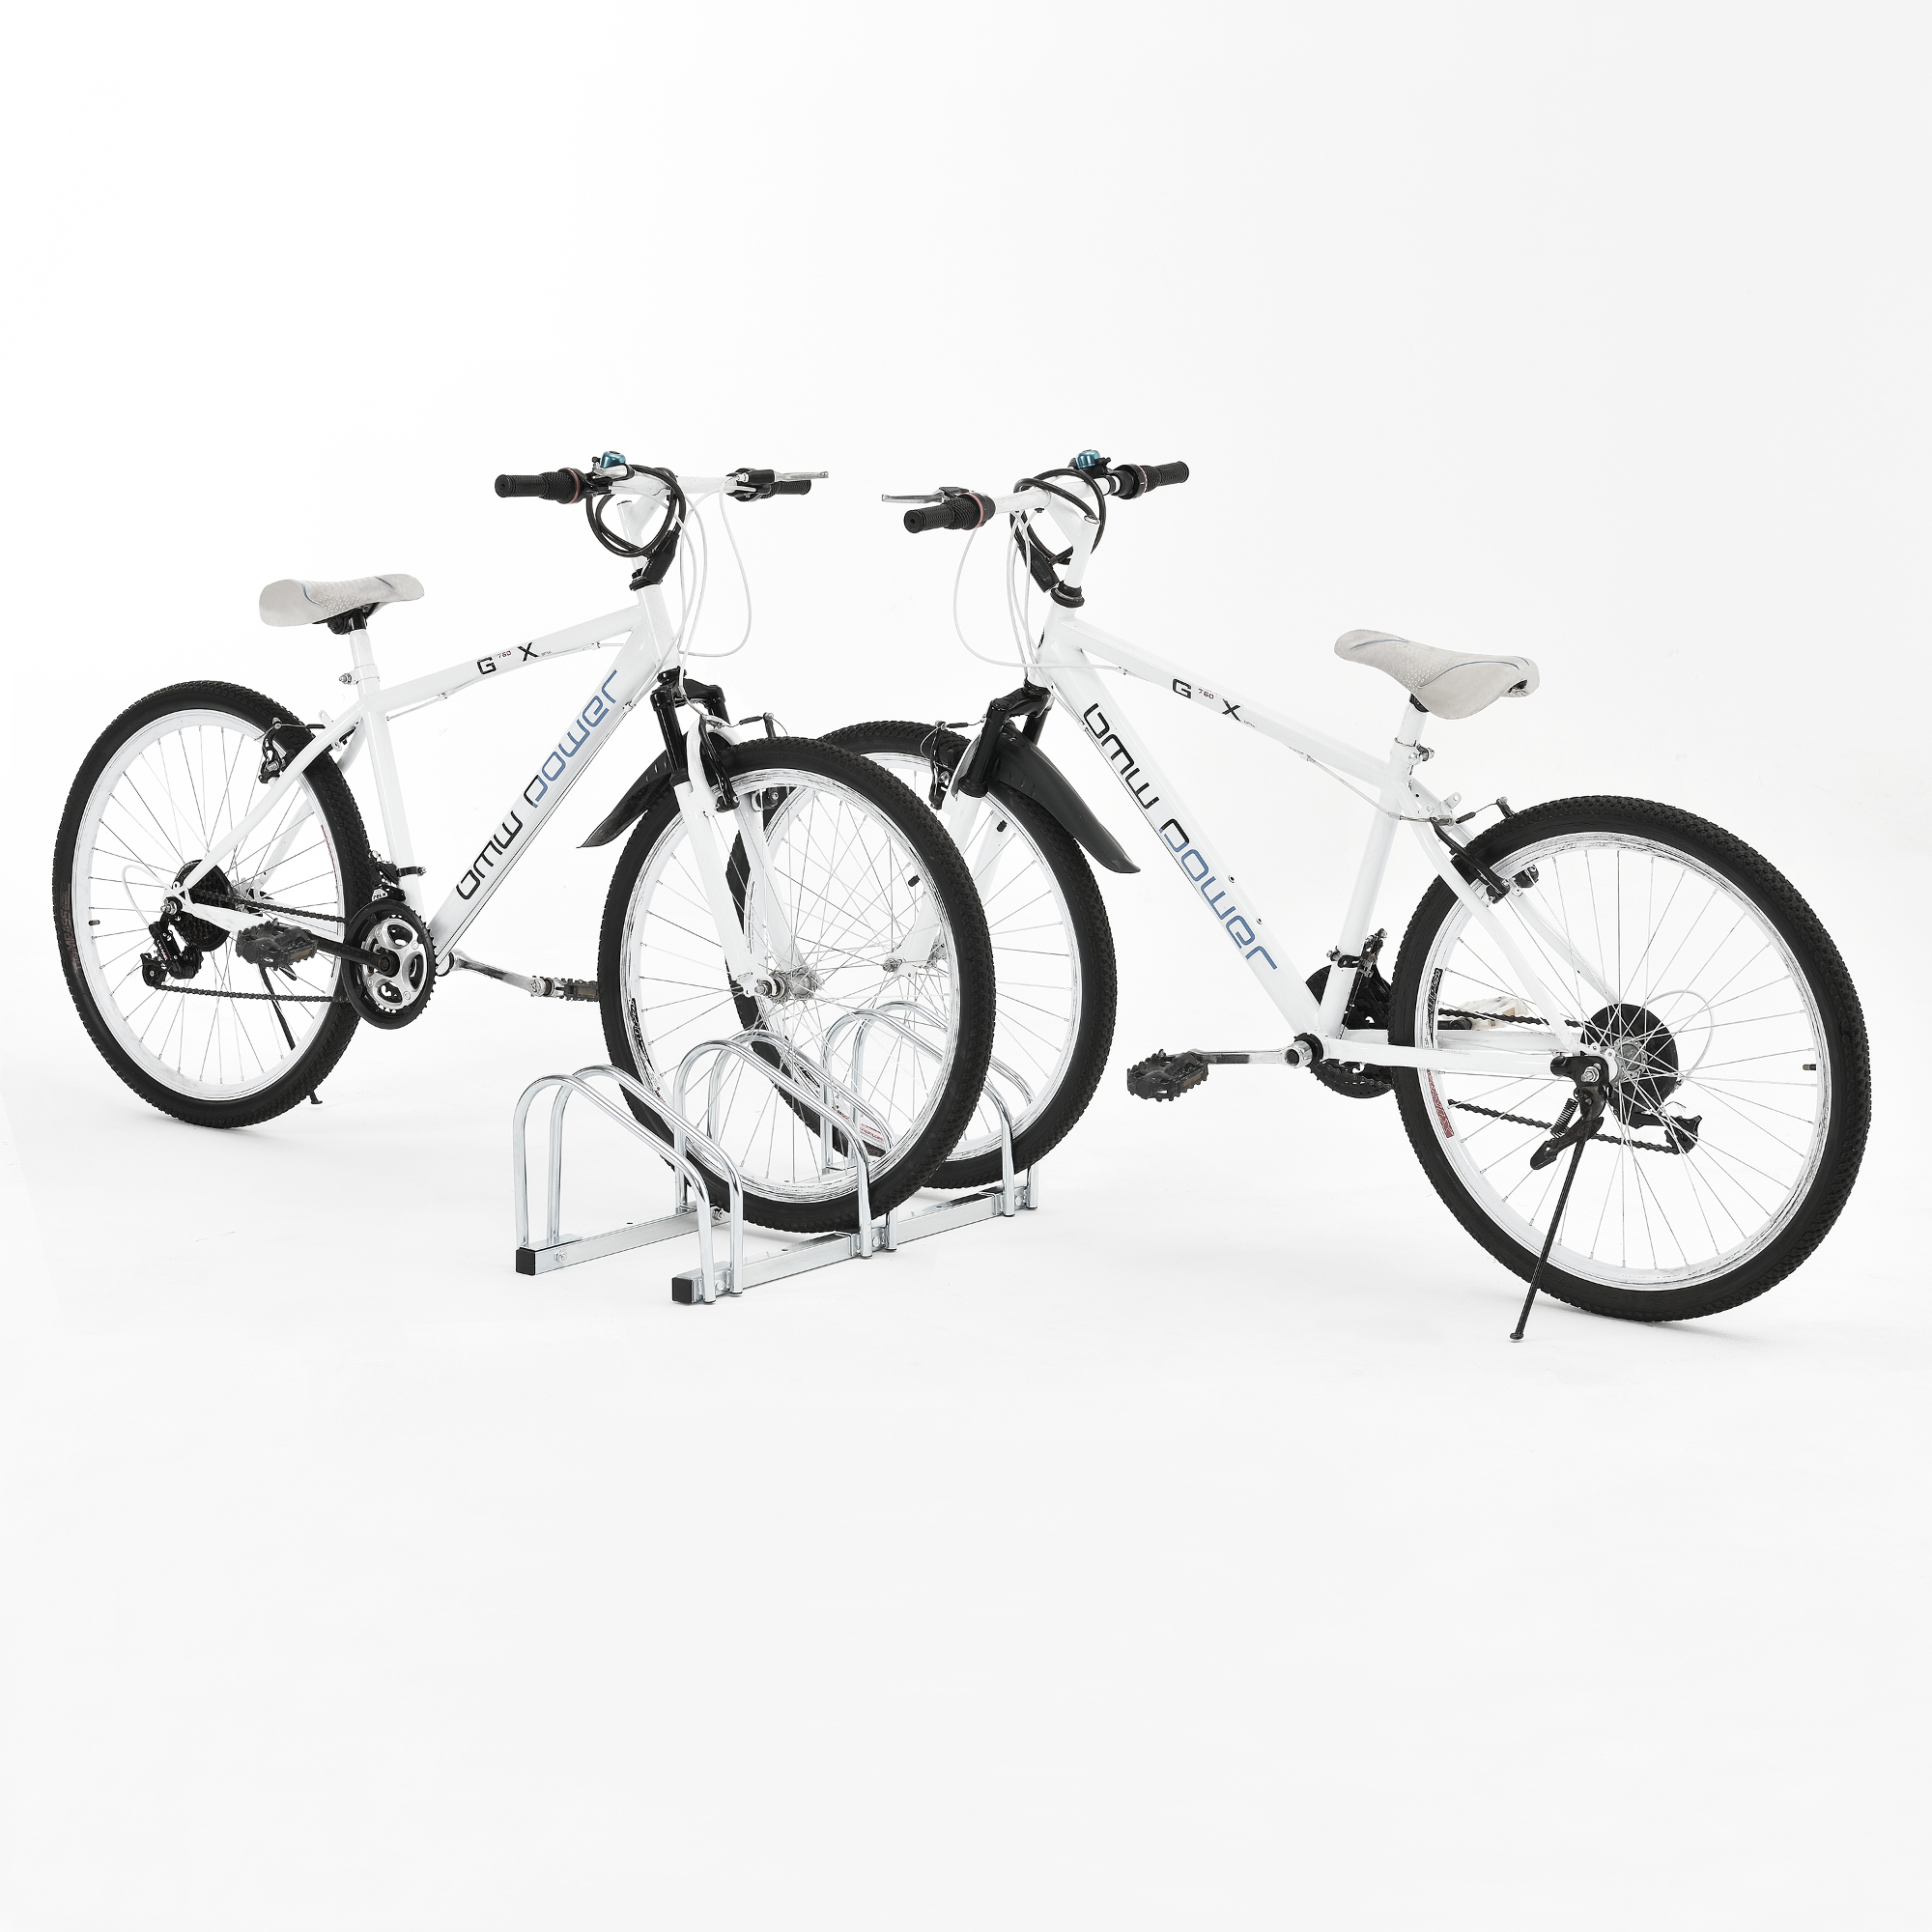 fahrradst nder f r 3 fahrr der st nder. Black Bedroom Furniture Sets. Home Design Ideas